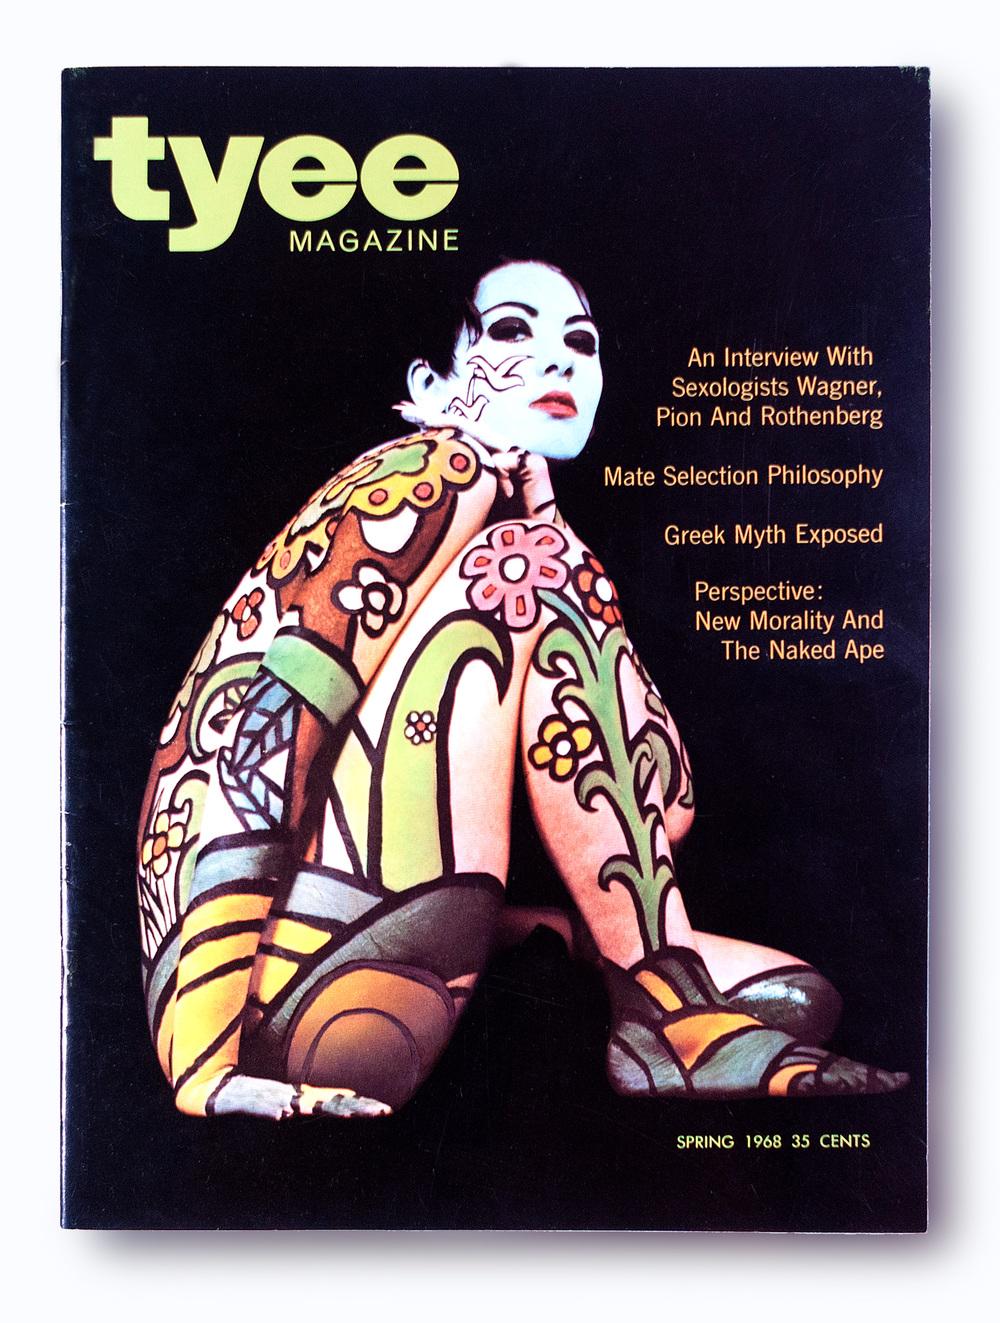 1968 tyee coverDSC04129.jpg